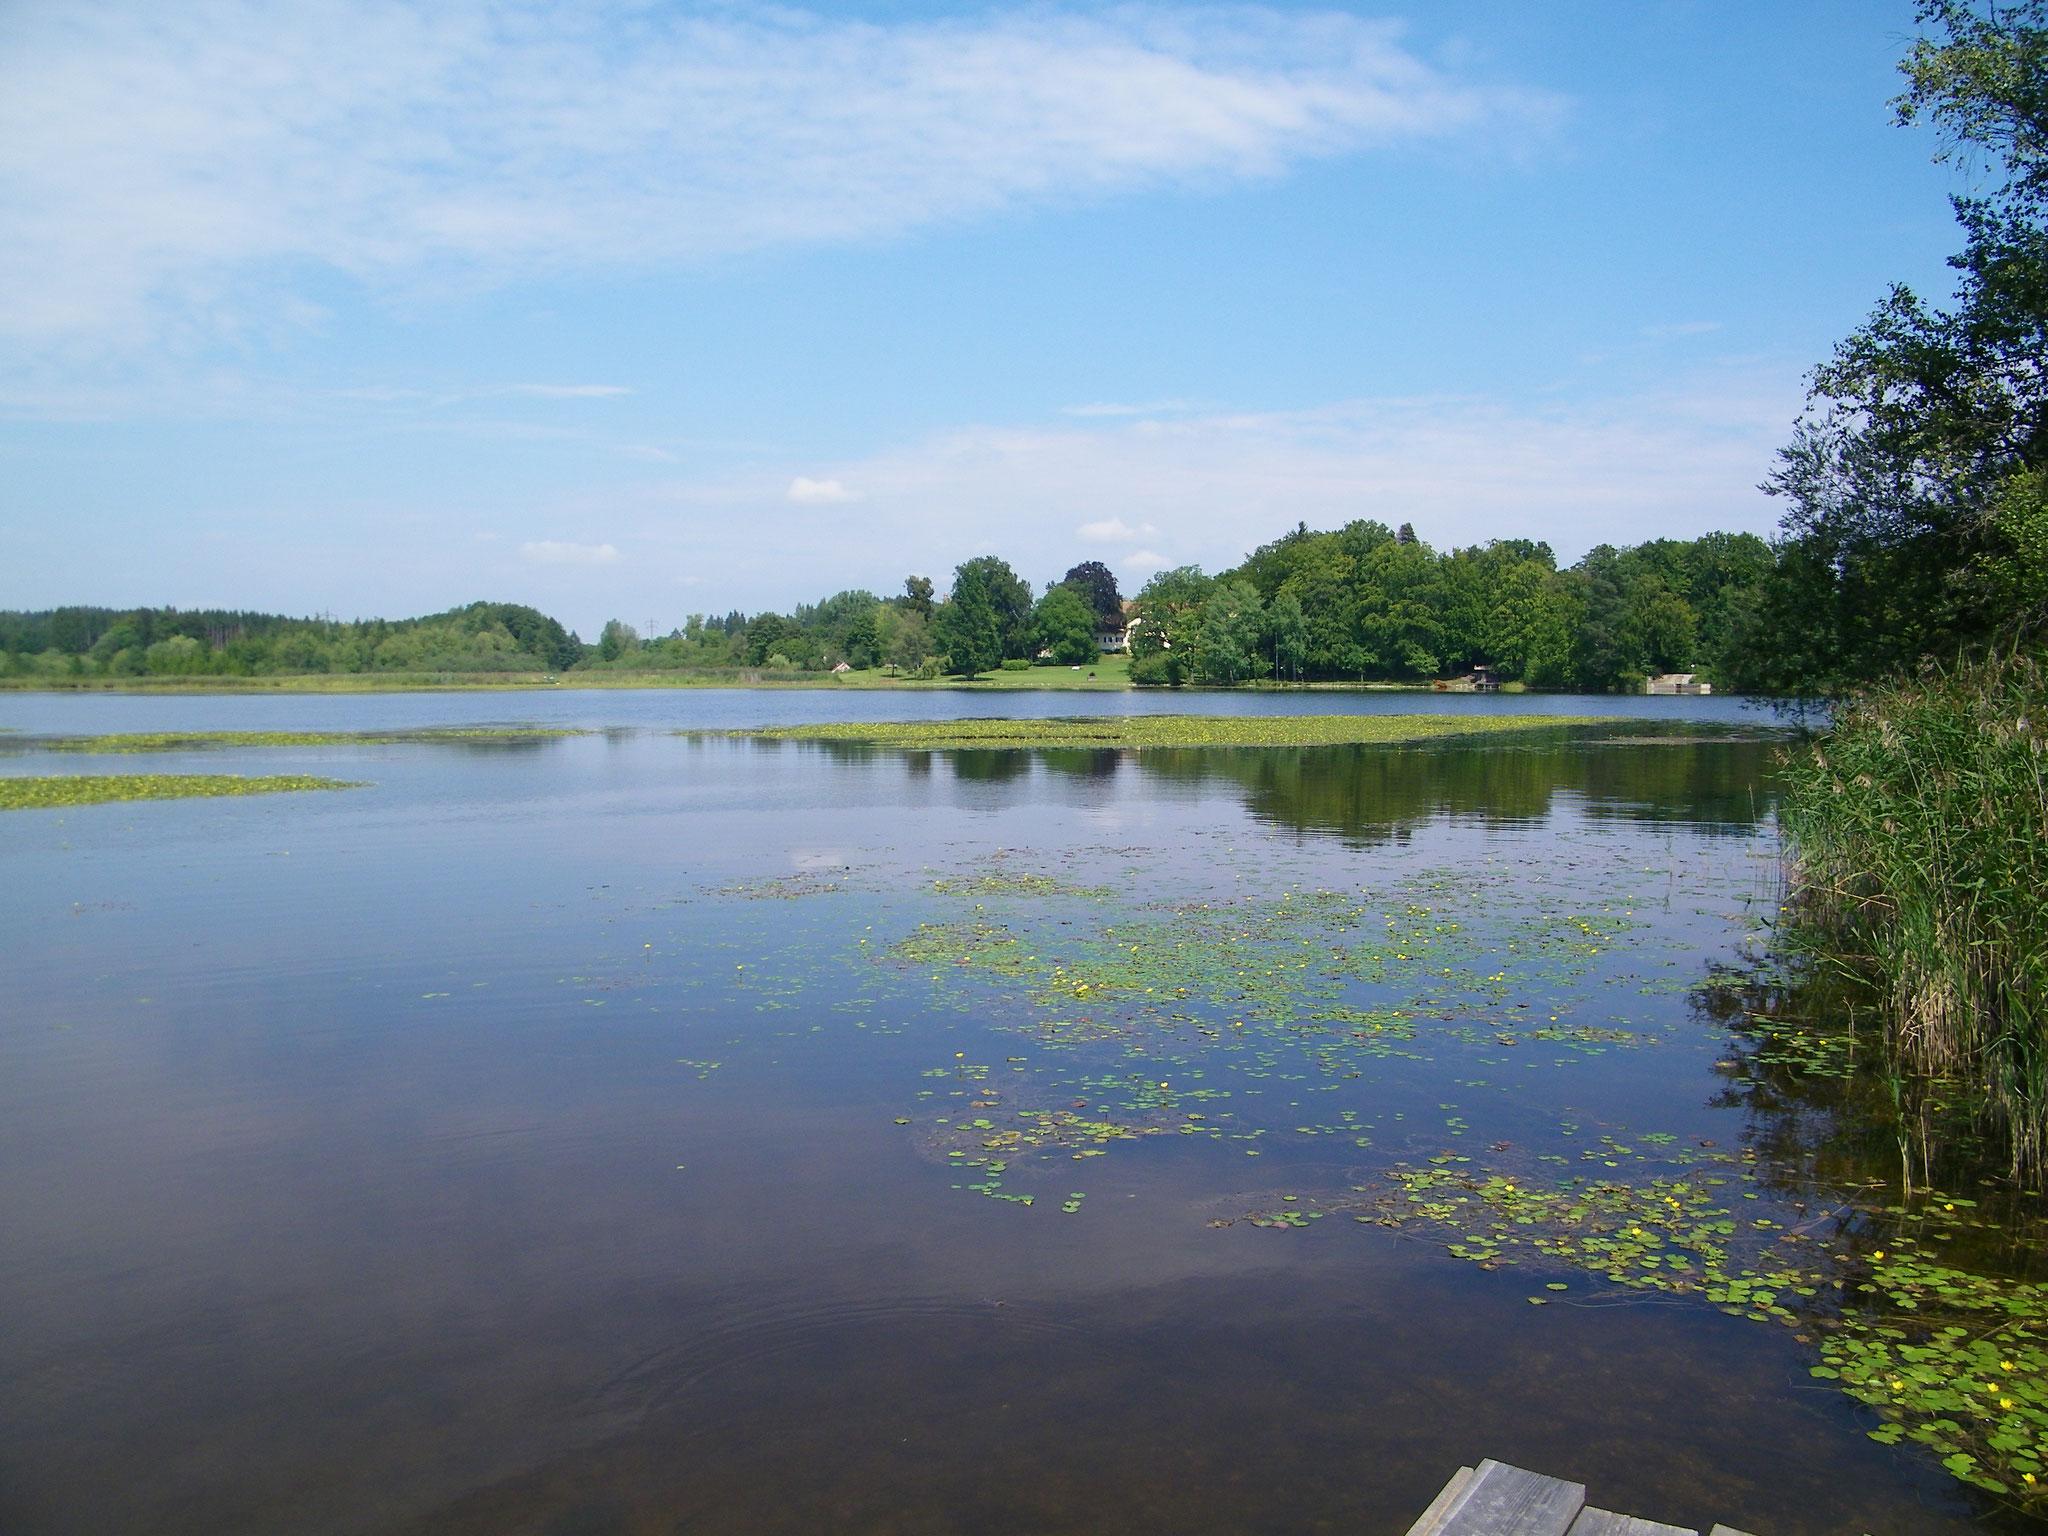 Blick von der Bootsfurt in Richtung Park